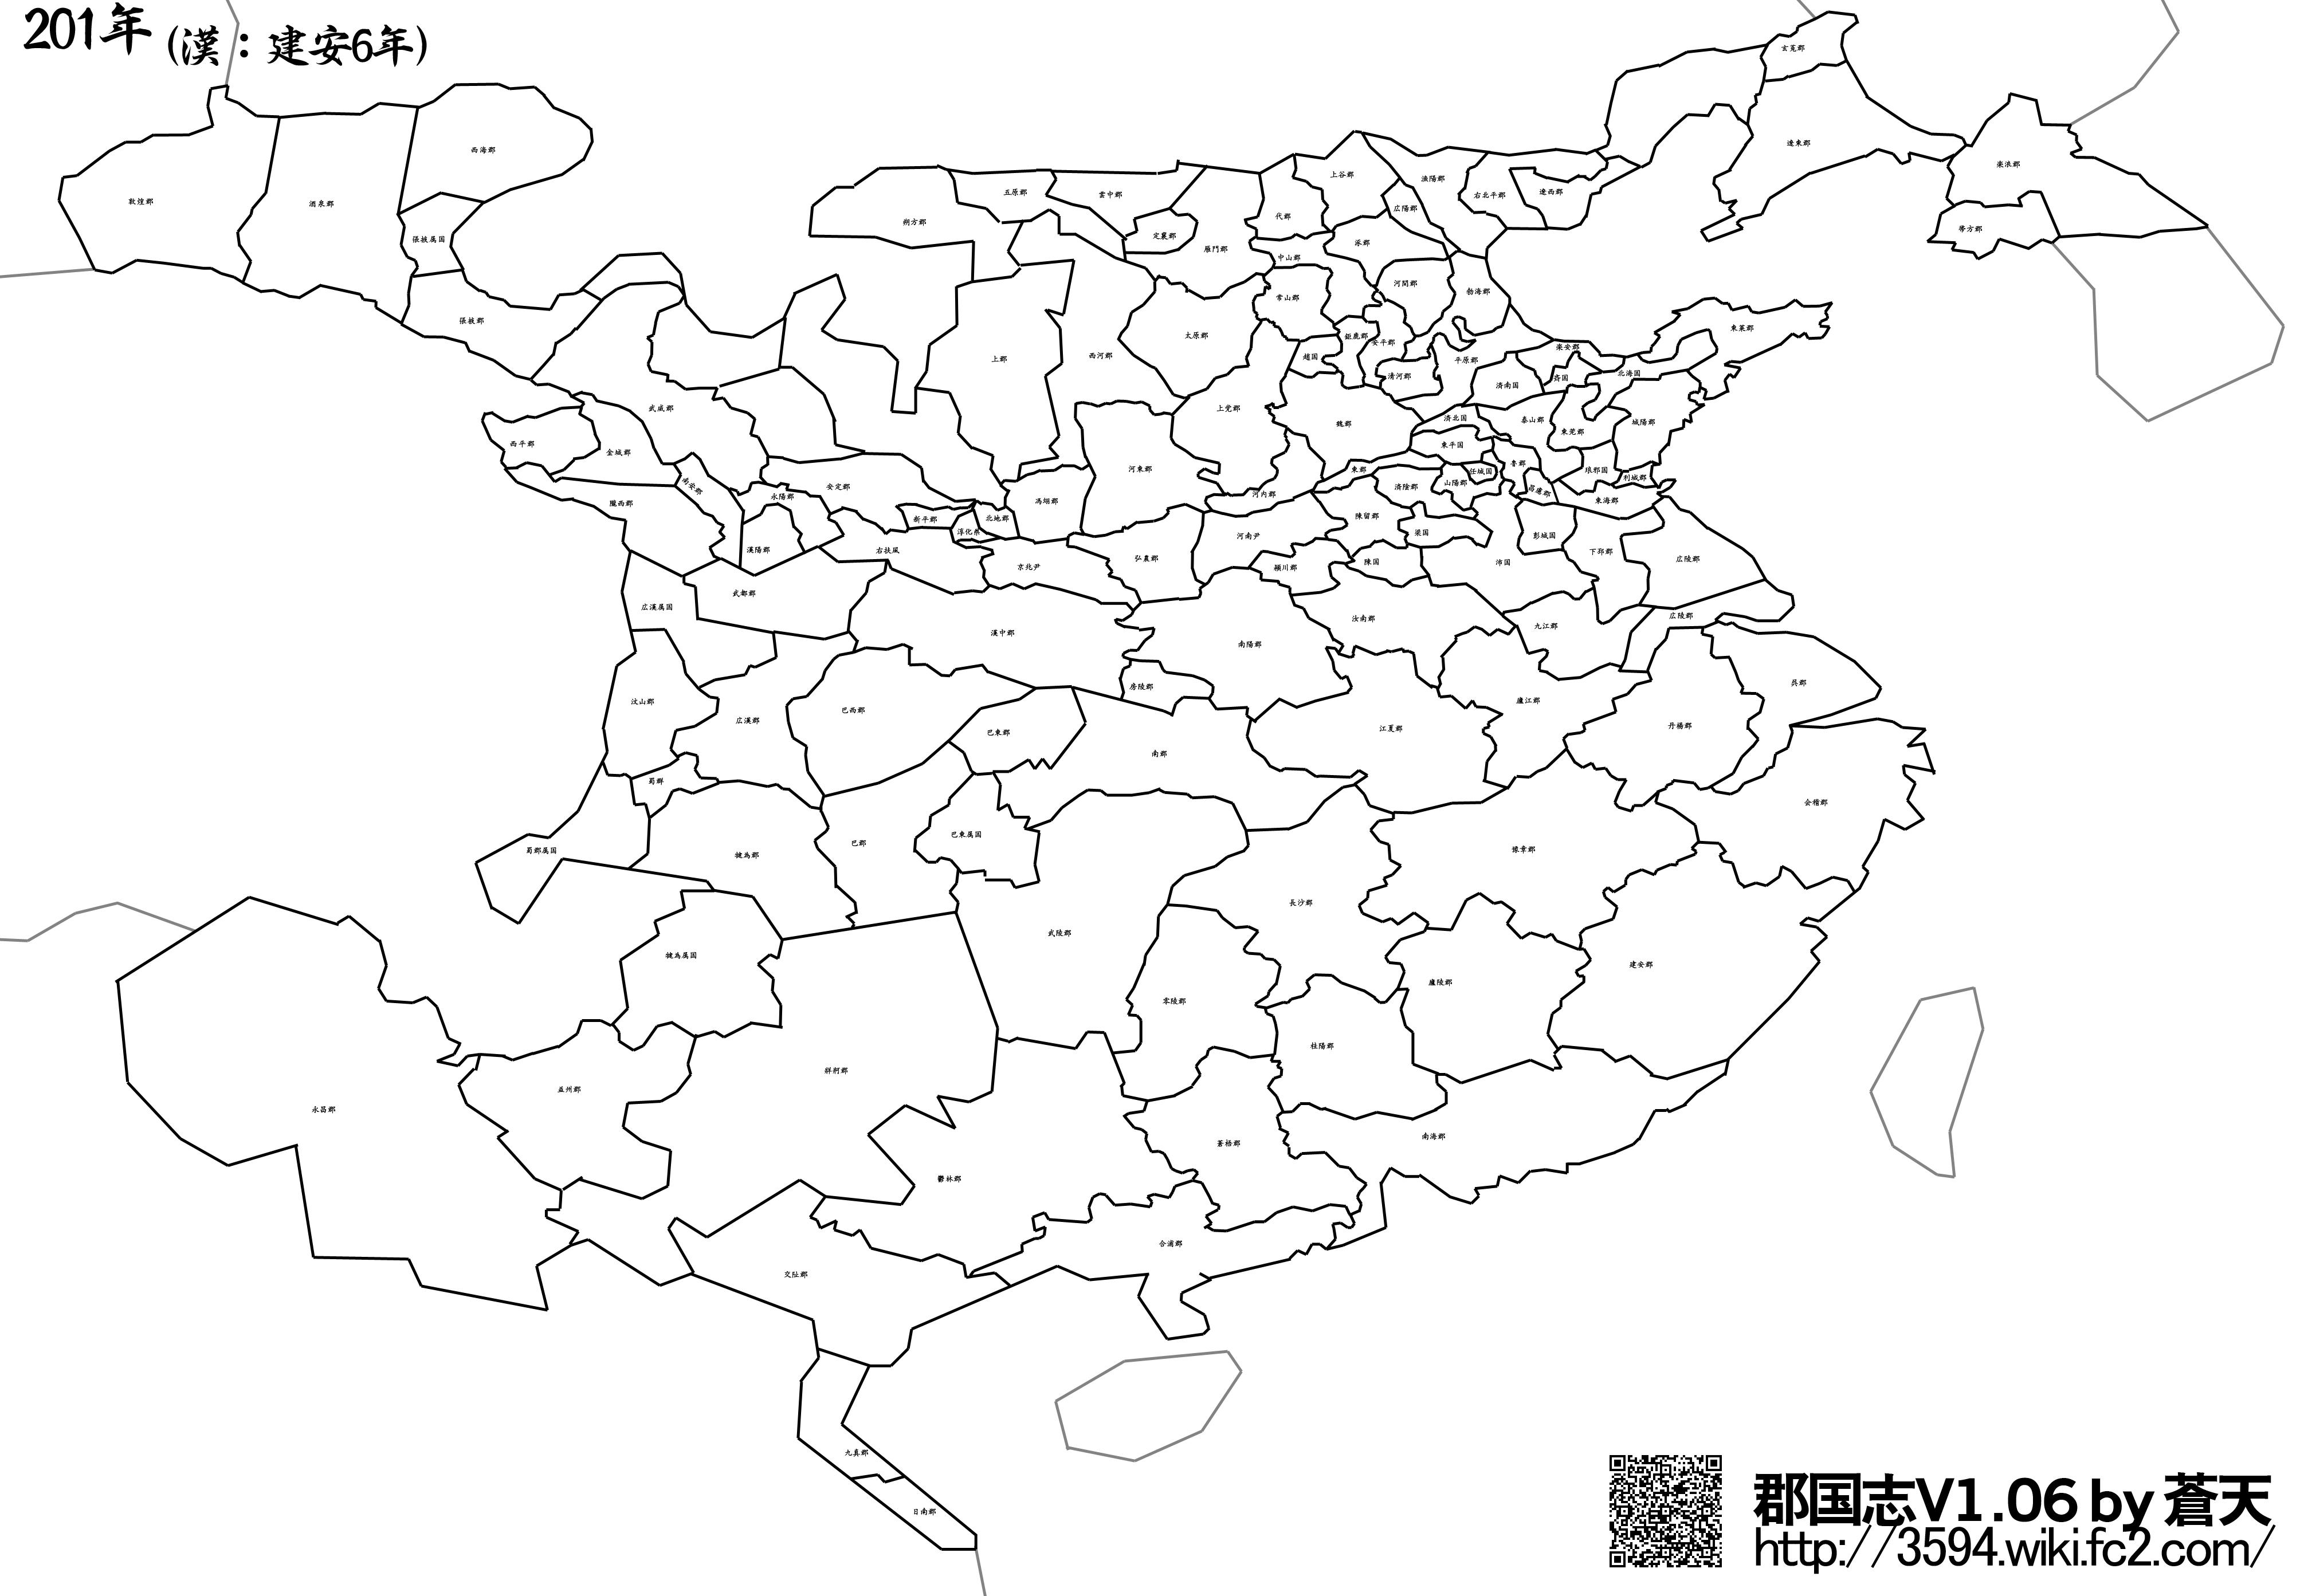 郡国志v106_201年